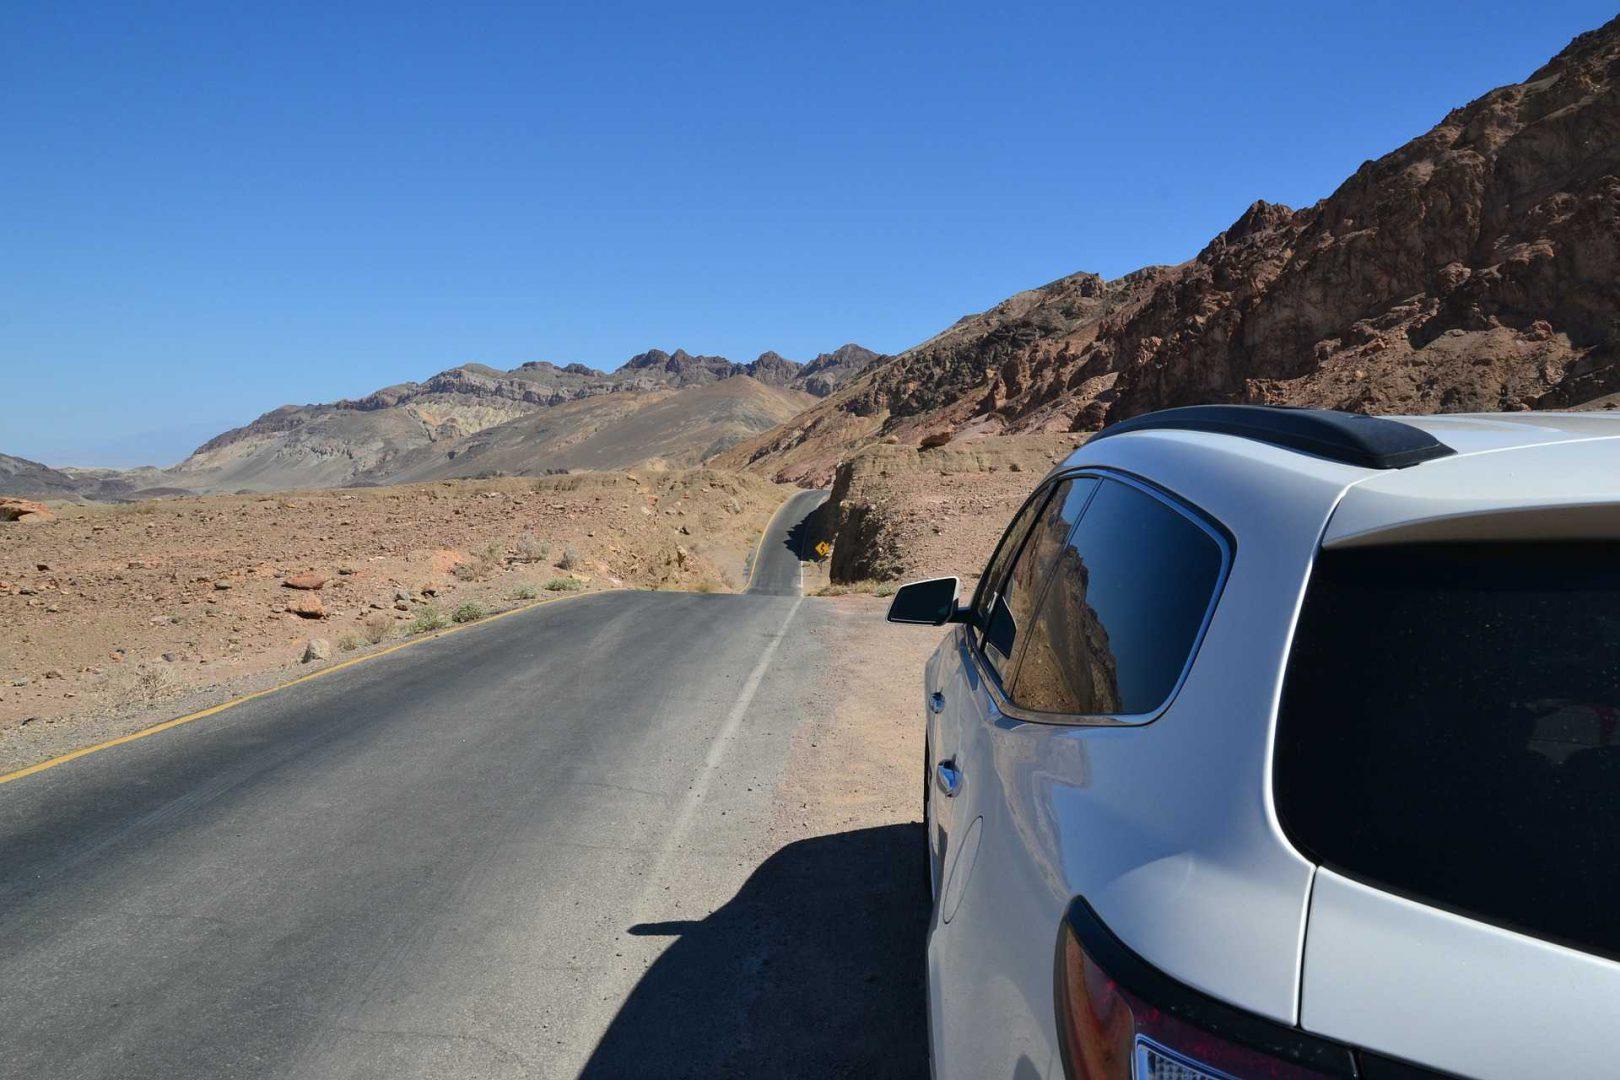 ביטוח רכב מותאם להיקף הנסיעה השנתי